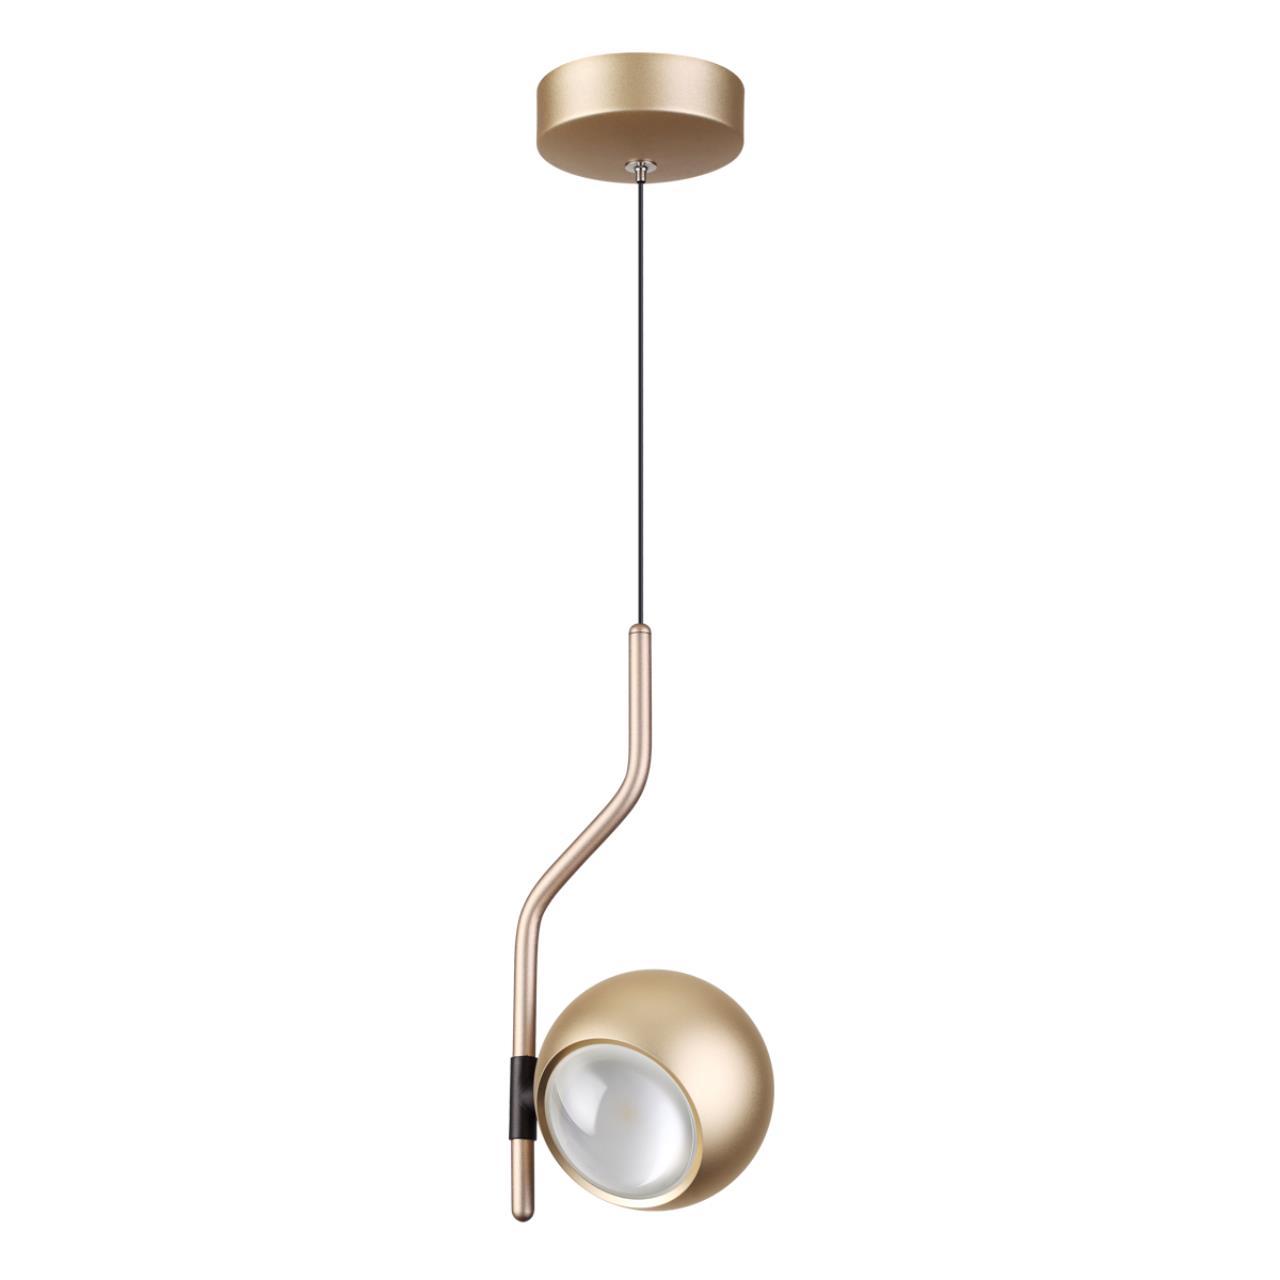 3915/9L L-VISION ODL20 45 золотистый/металл Подвесной светильник LED 4000K 5W+3.5W 220V с сенс. упра